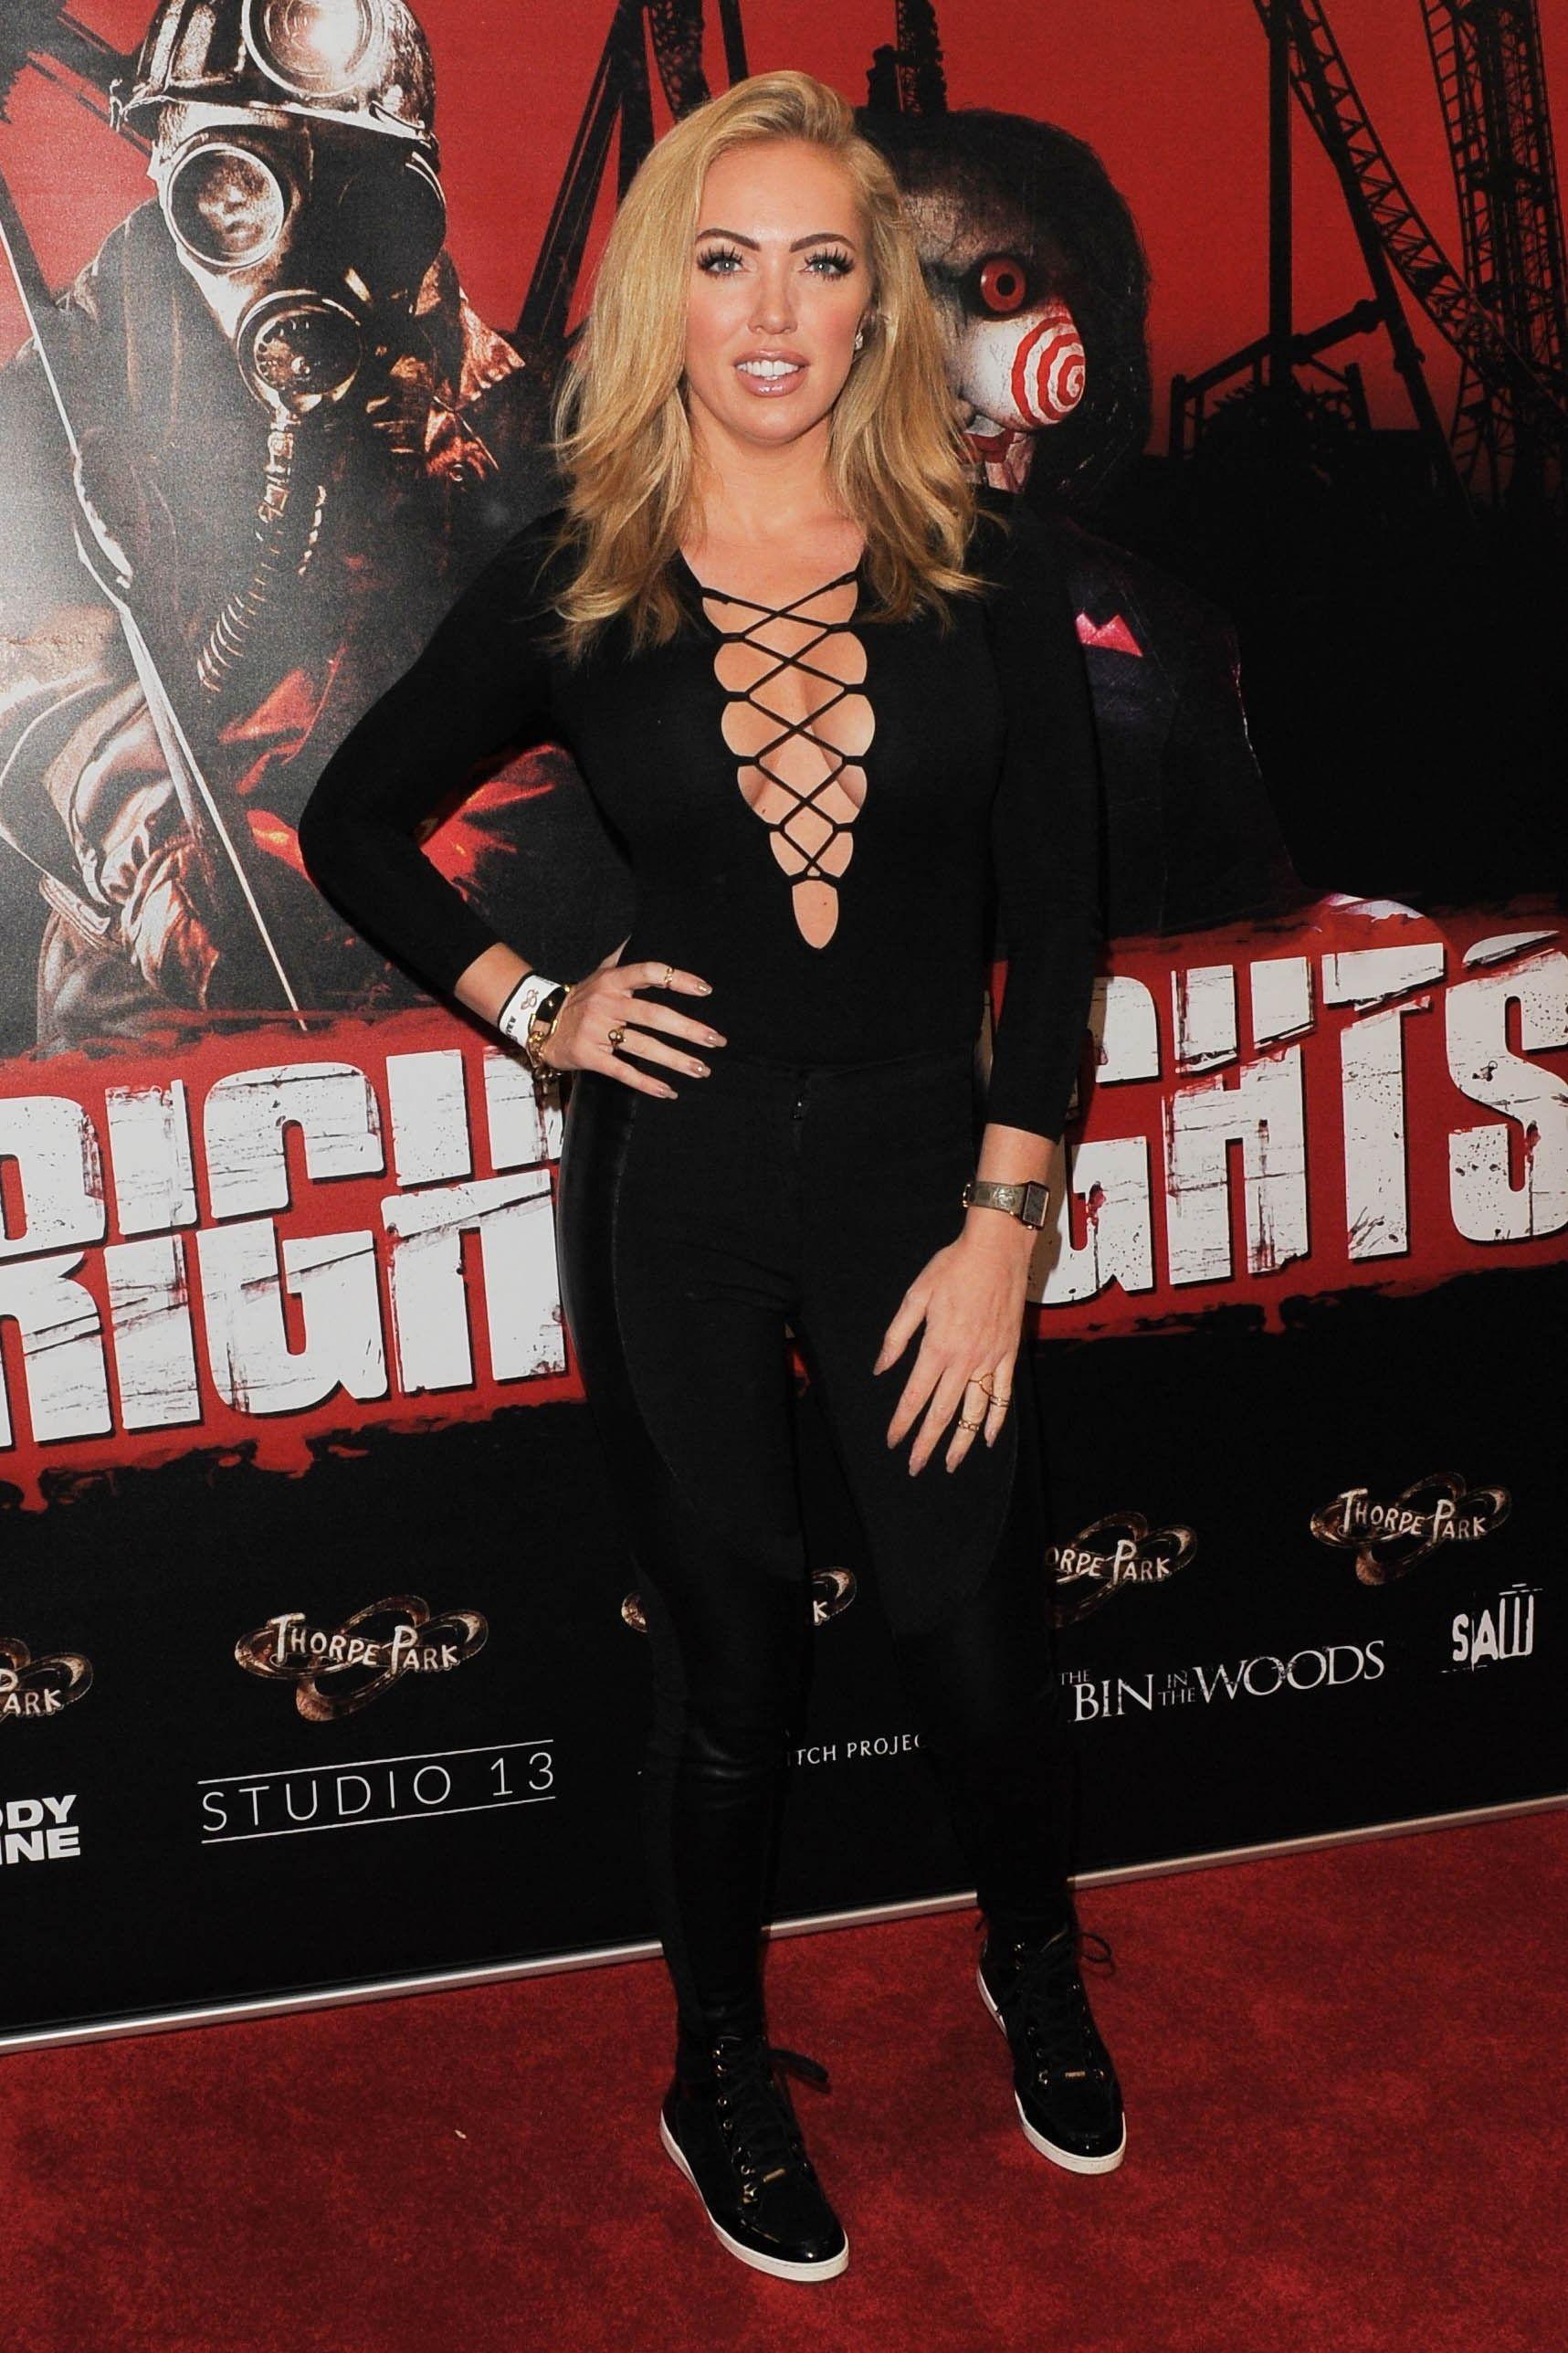 Aisleyne Horgan Wallace at Thorpe Park Fright Nights